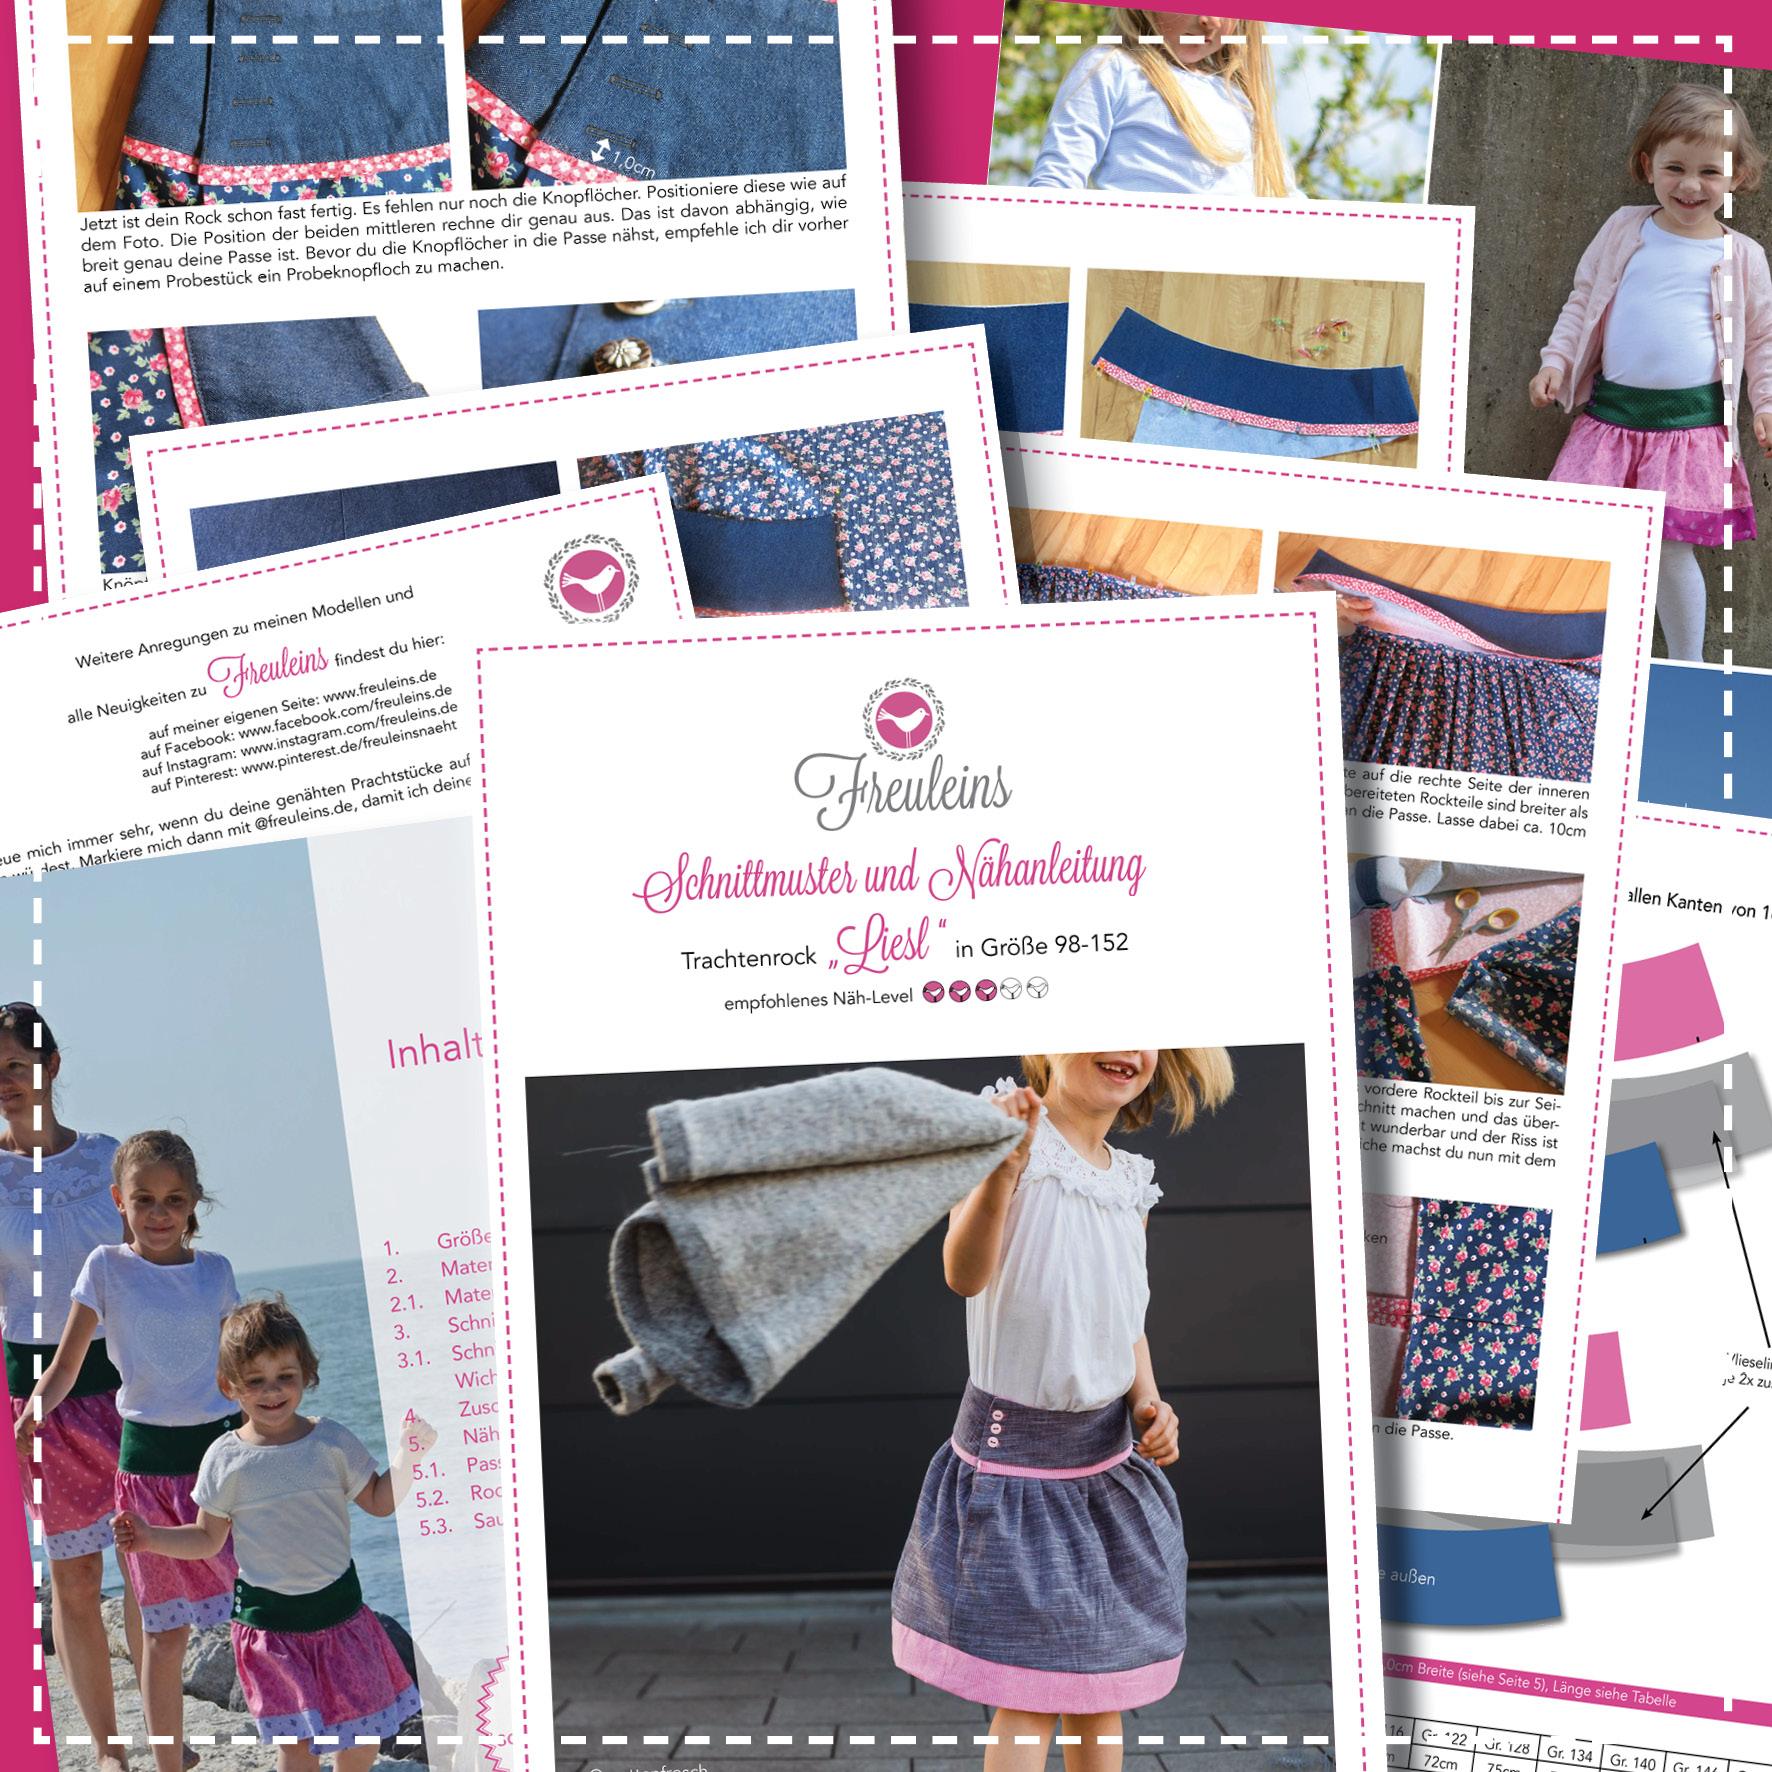 Trachtenrock Liesl_Produktbeschreibung2